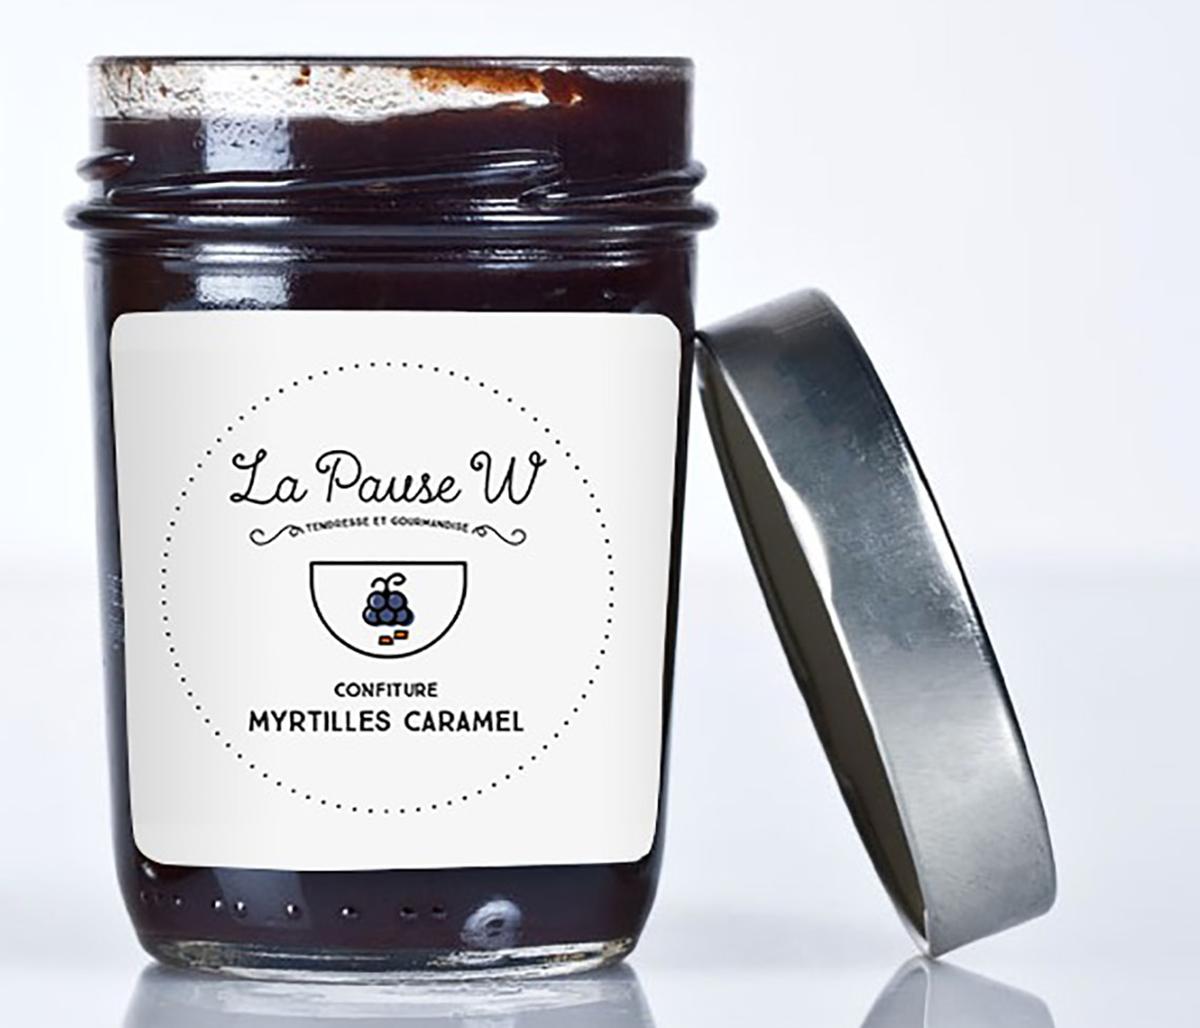 Confiture Myrtilles Caramel pour le goûter ! (photo de La Pause W)